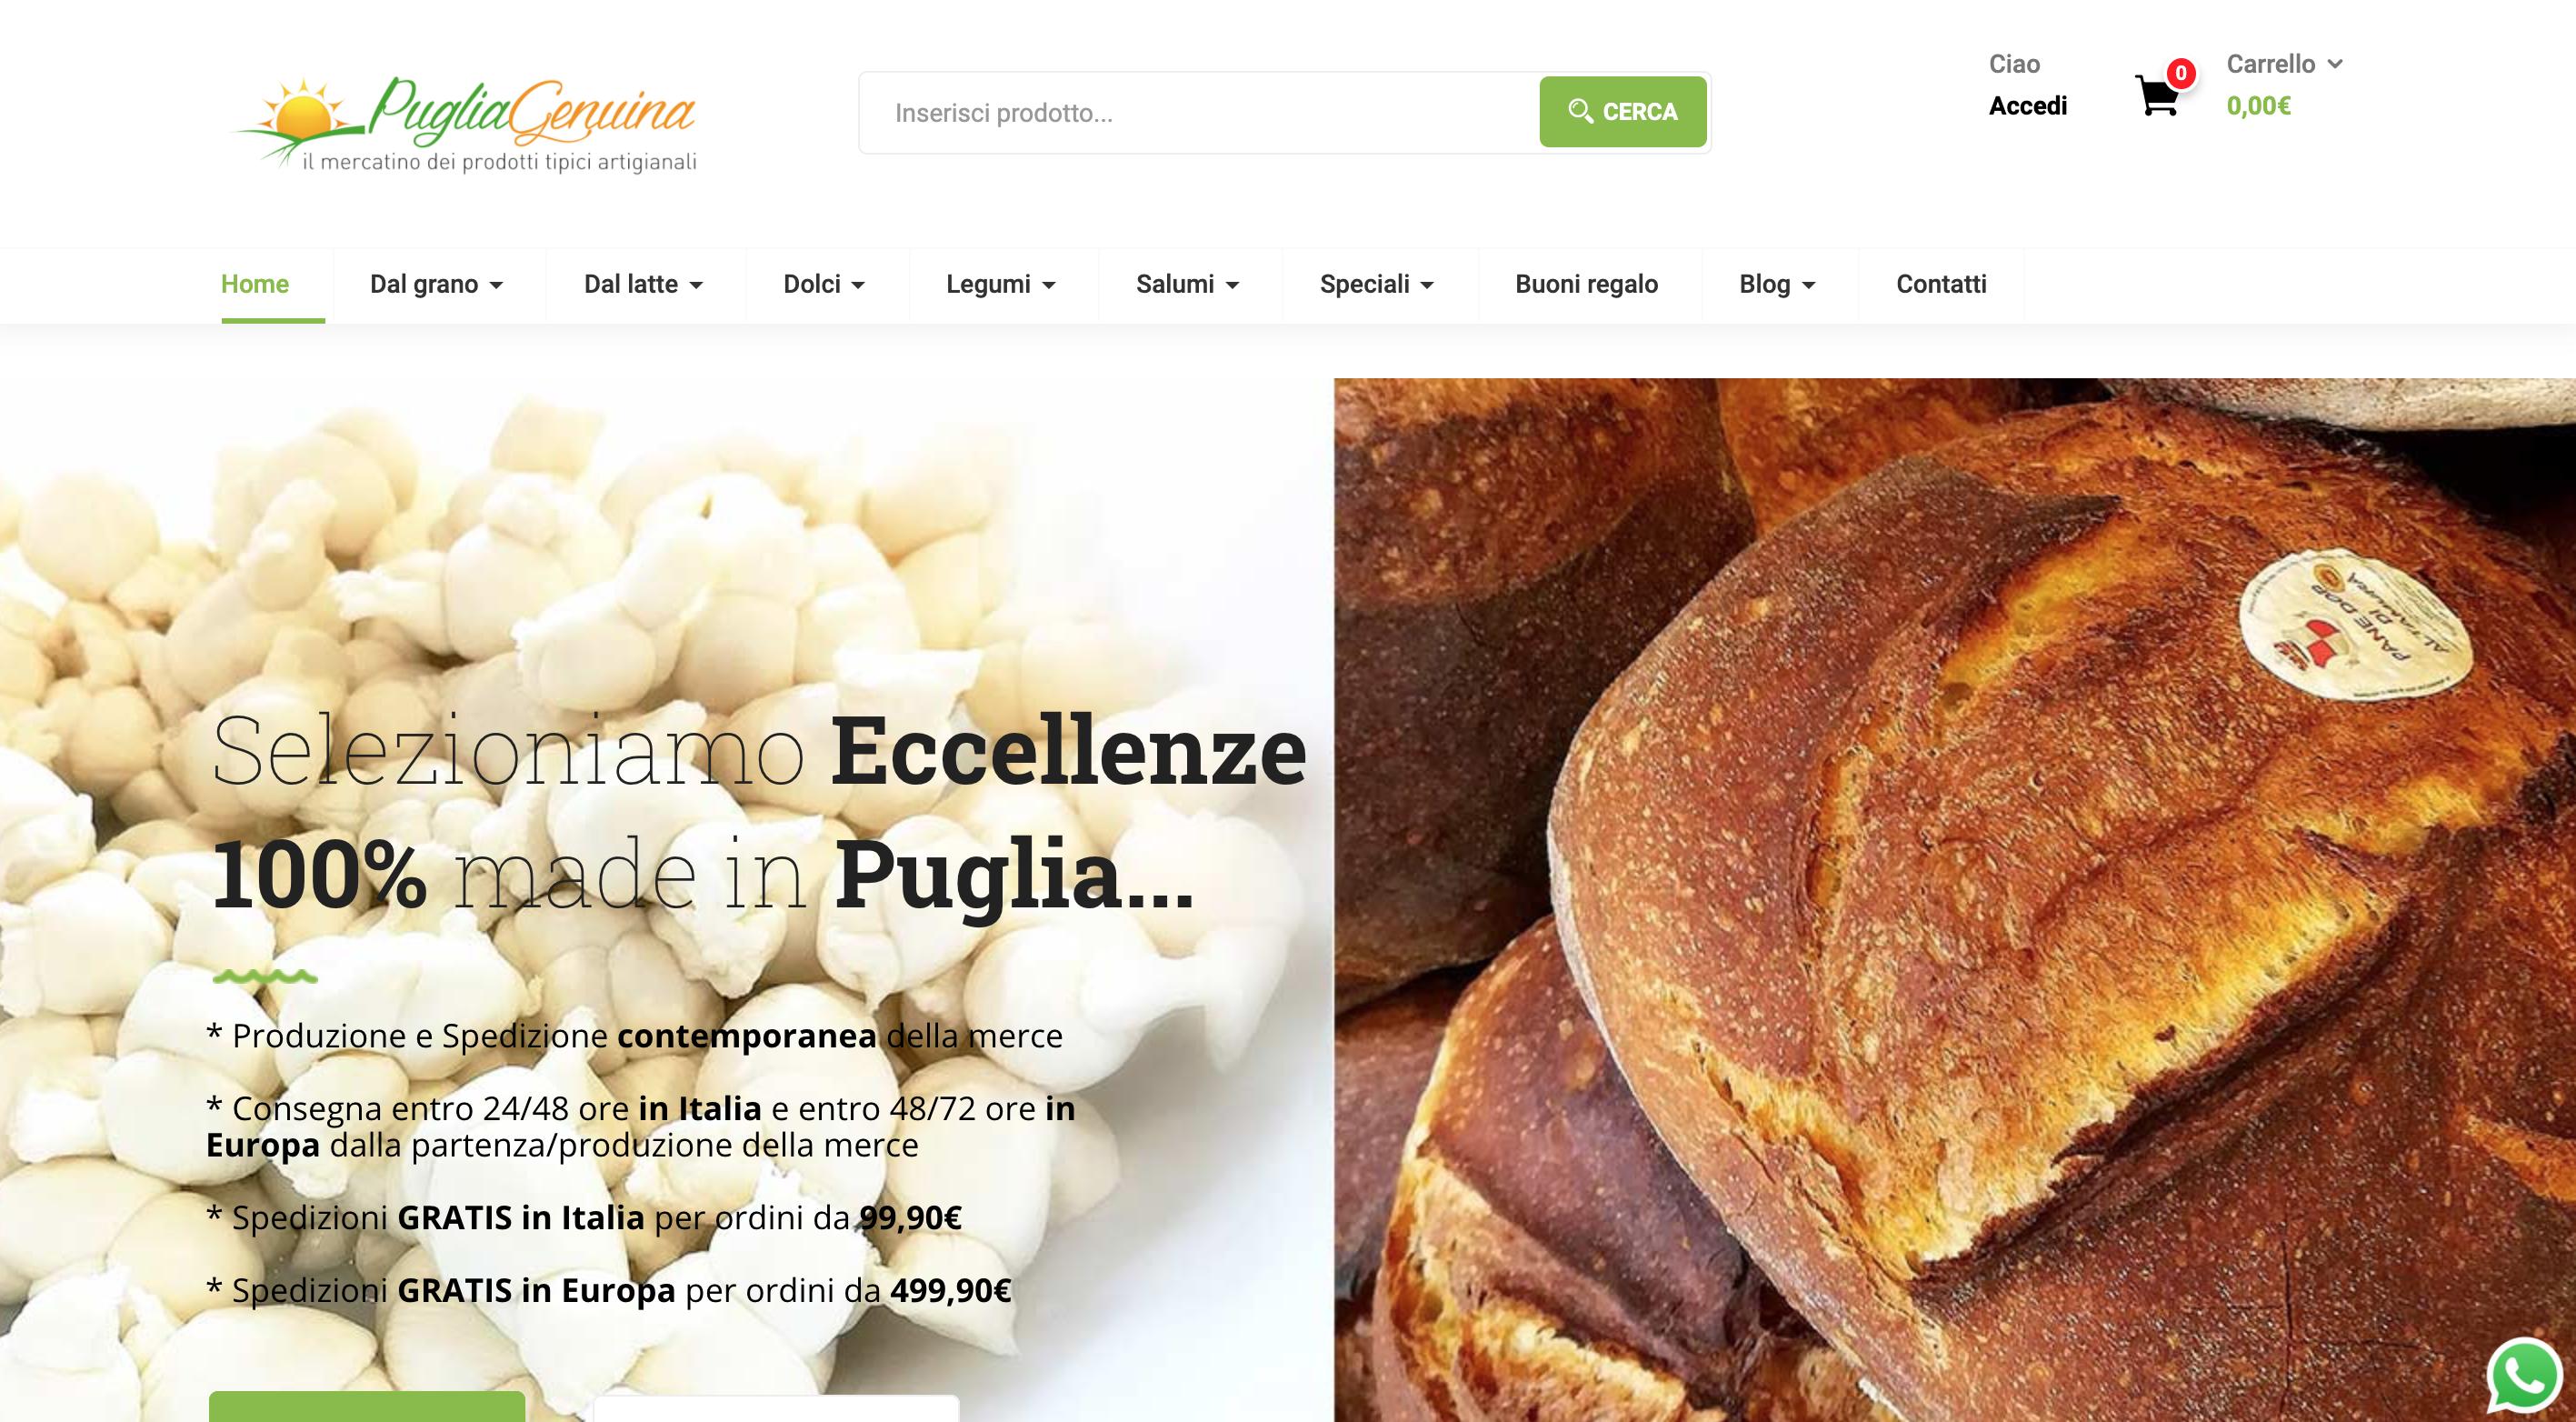 Puglia Genuina prodotti tipici